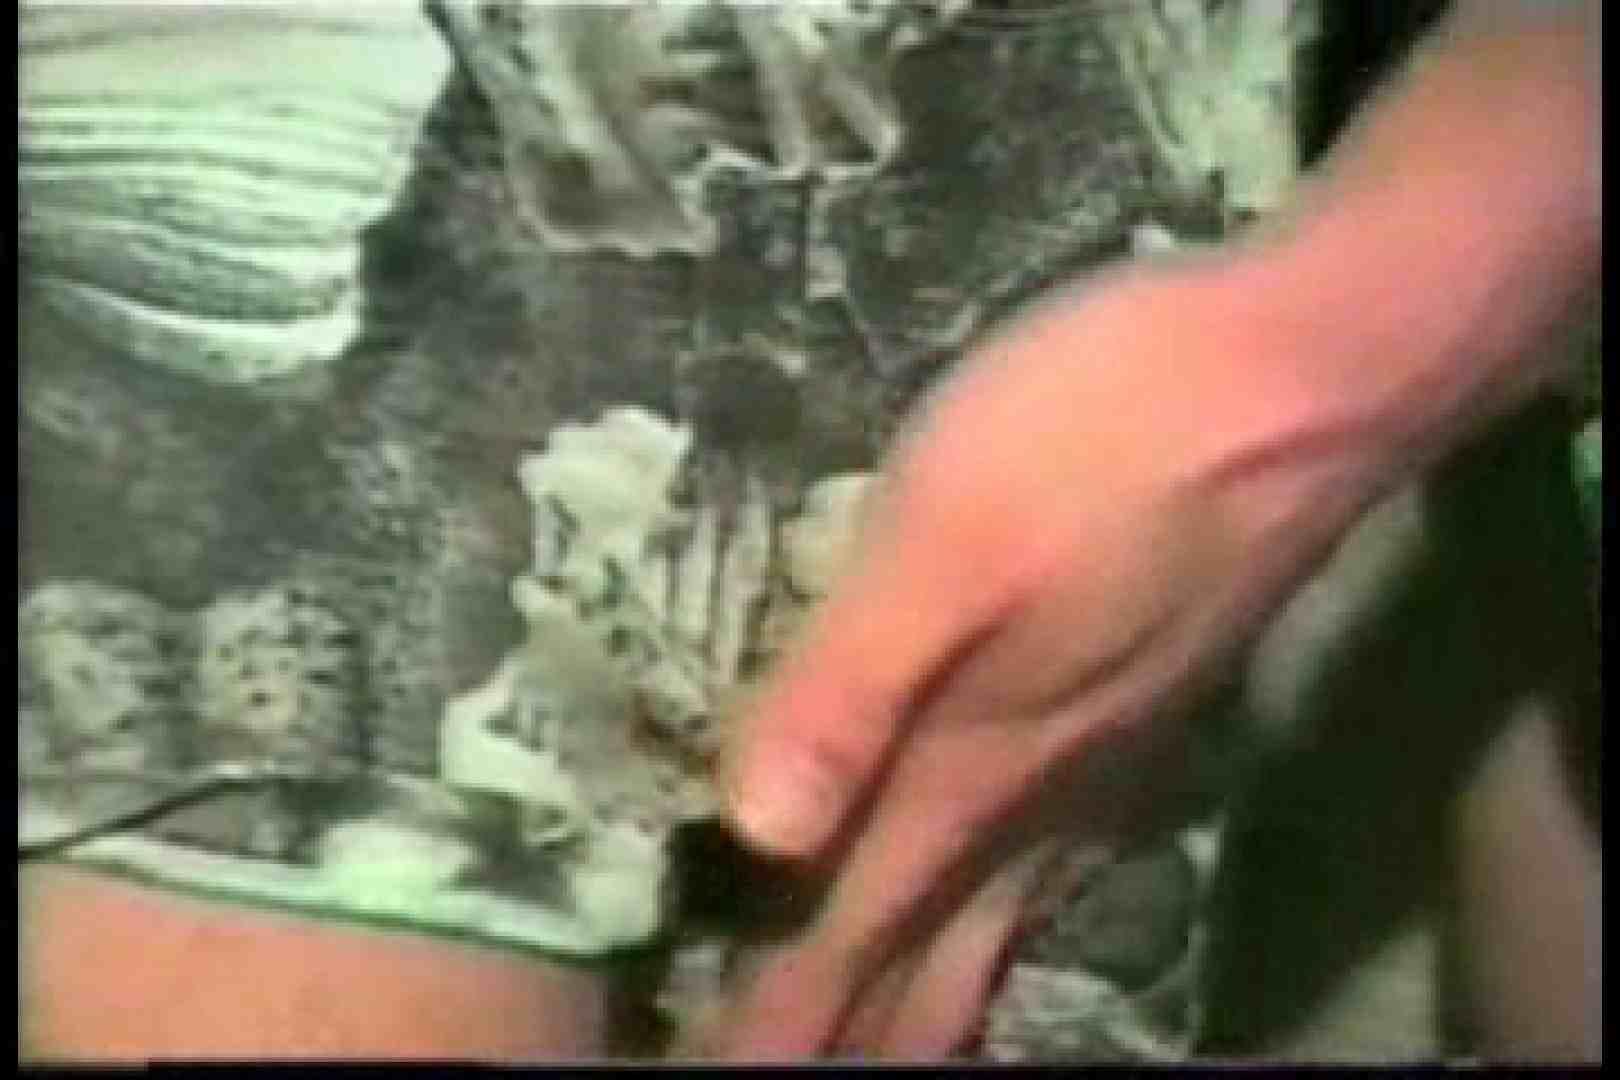 【個人撮影】ひろしと雅人!凄いぞ!やりすぎだぜ! エロ特集 ゲイアダルト画像 68pic 22